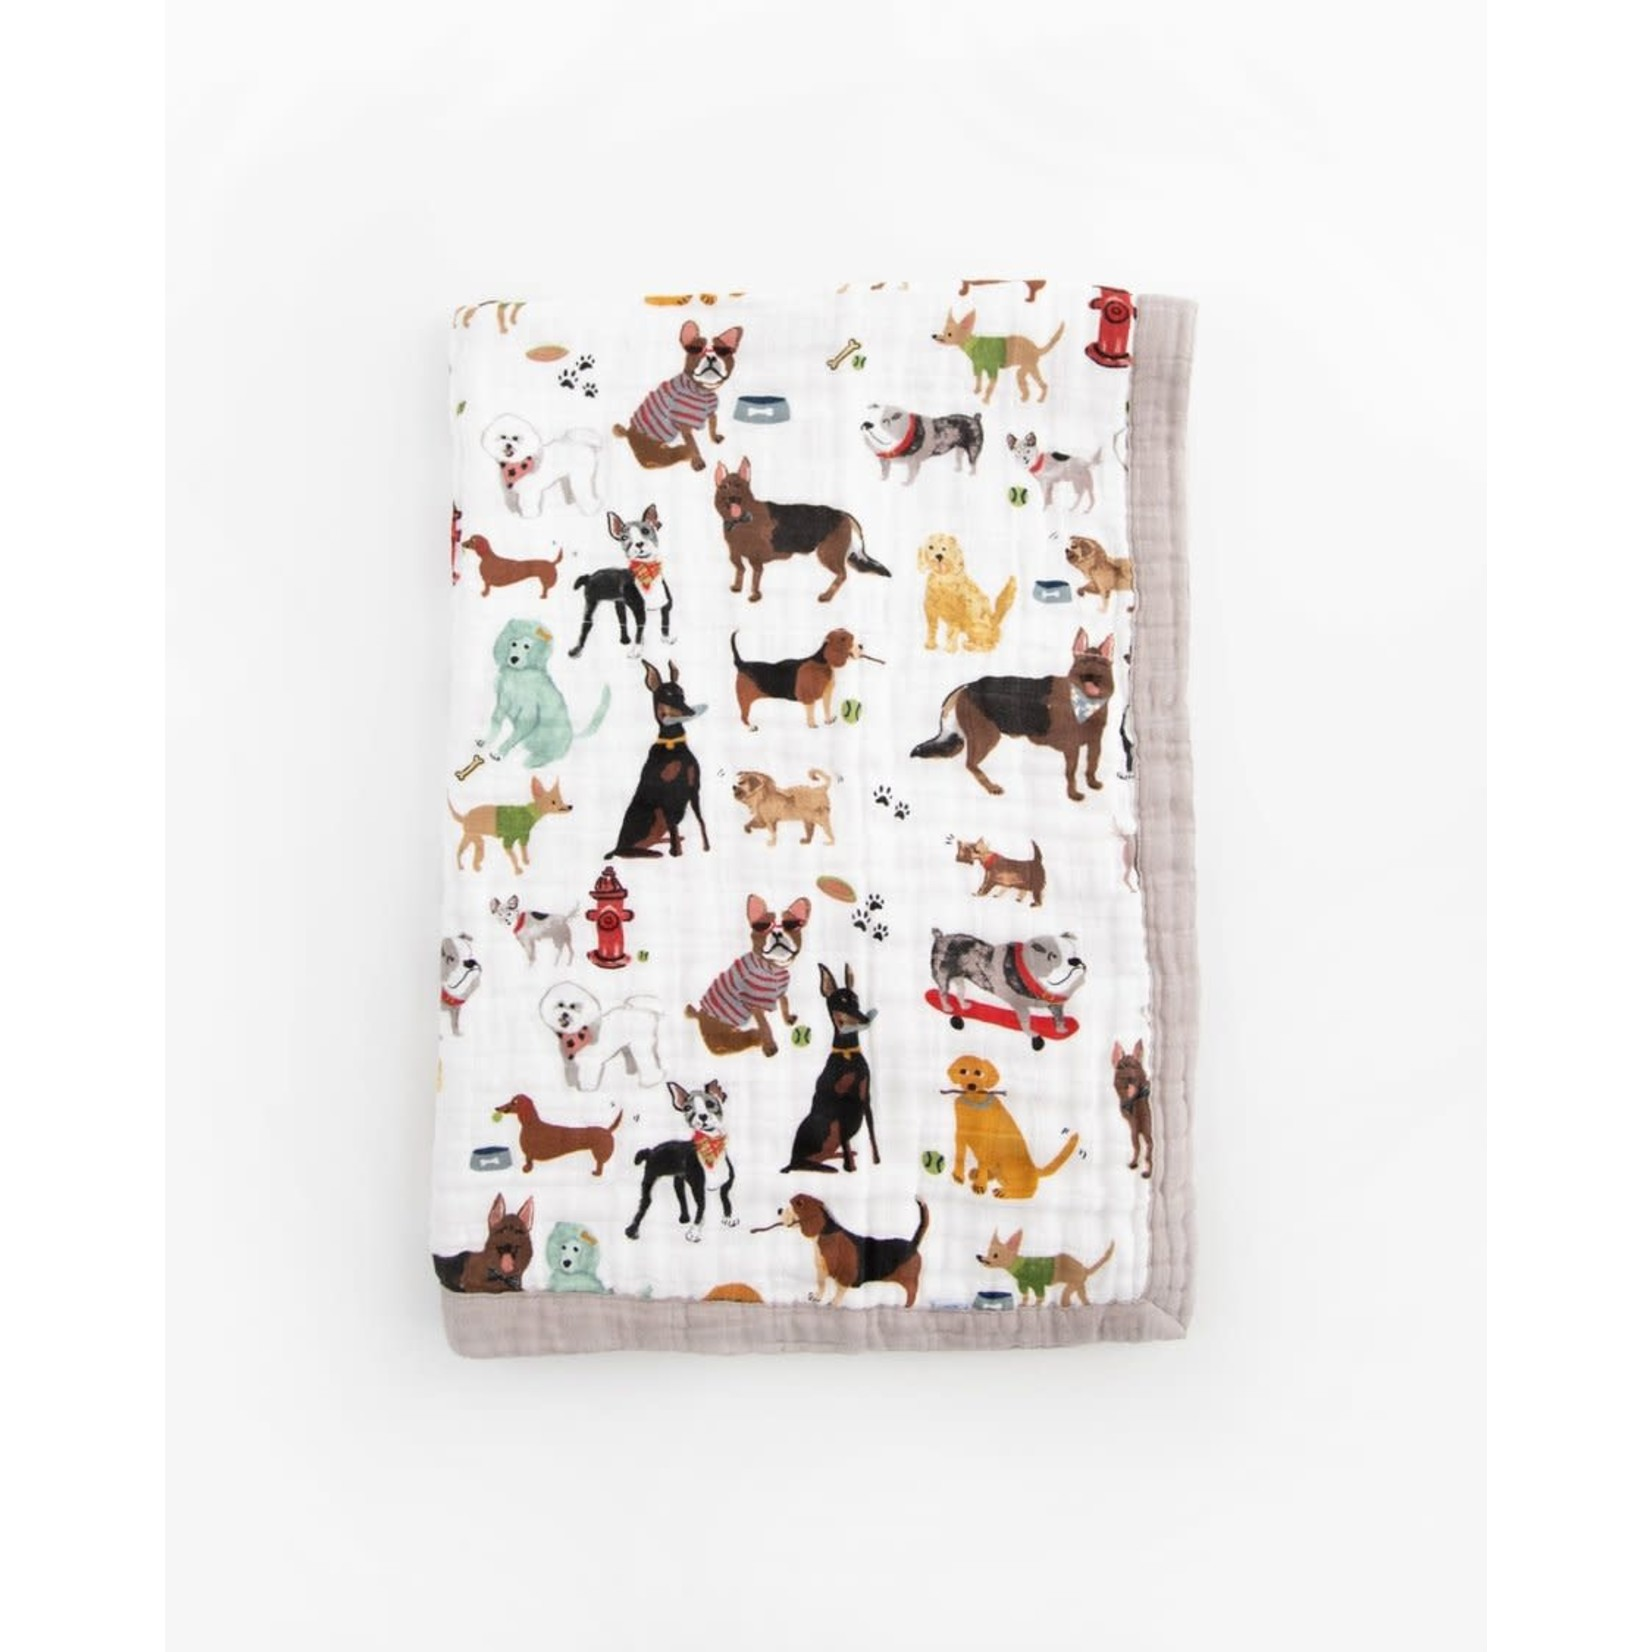 Little Unicorn Cotton Muslin Baby Blanket - Woof